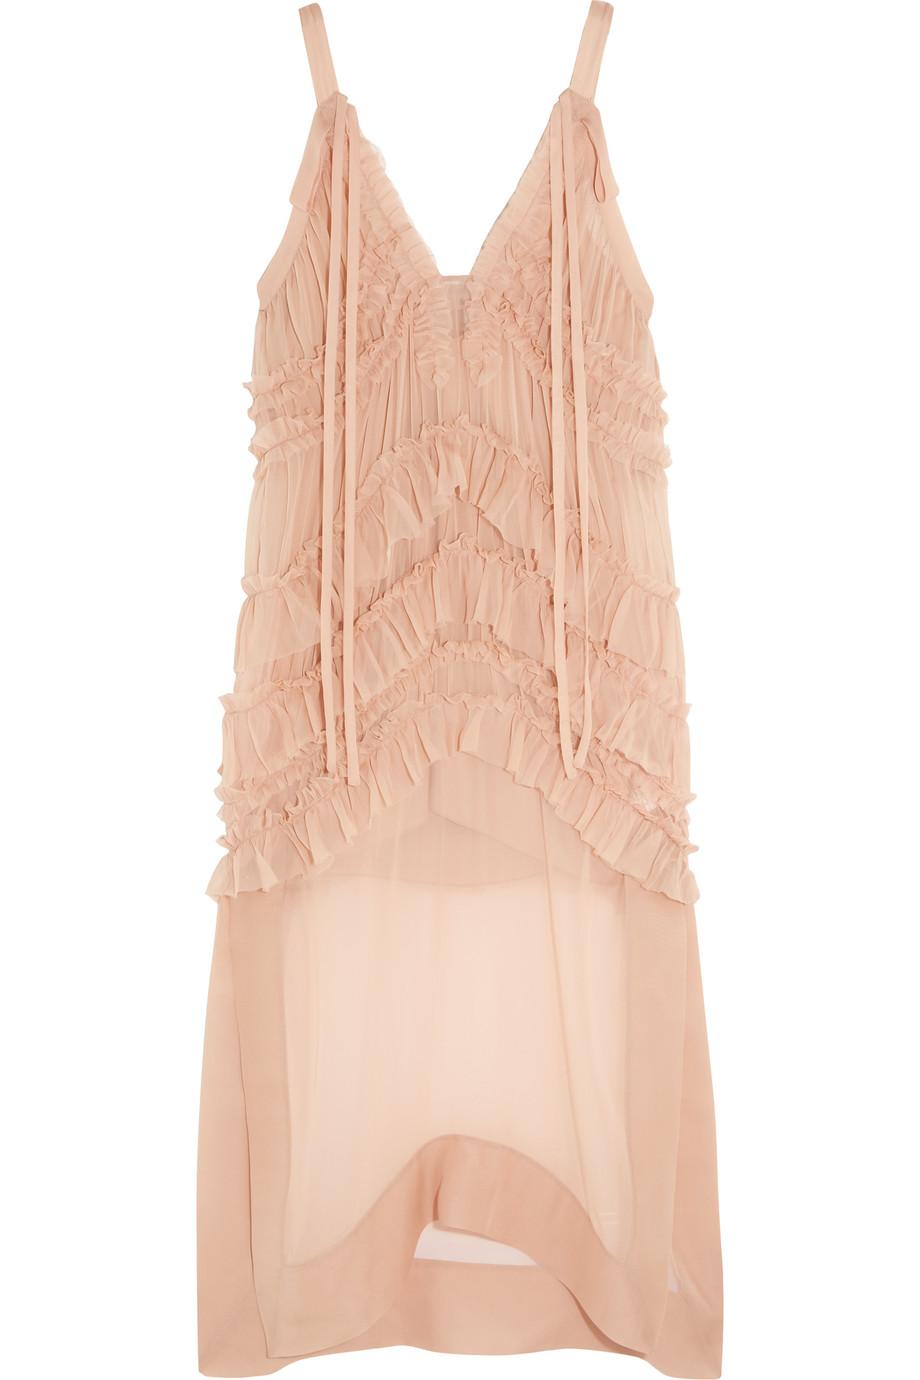 No. 21 Ruffled Tiered Silk-Chiffon Midi Dress, Blush, Women's, Size: 44